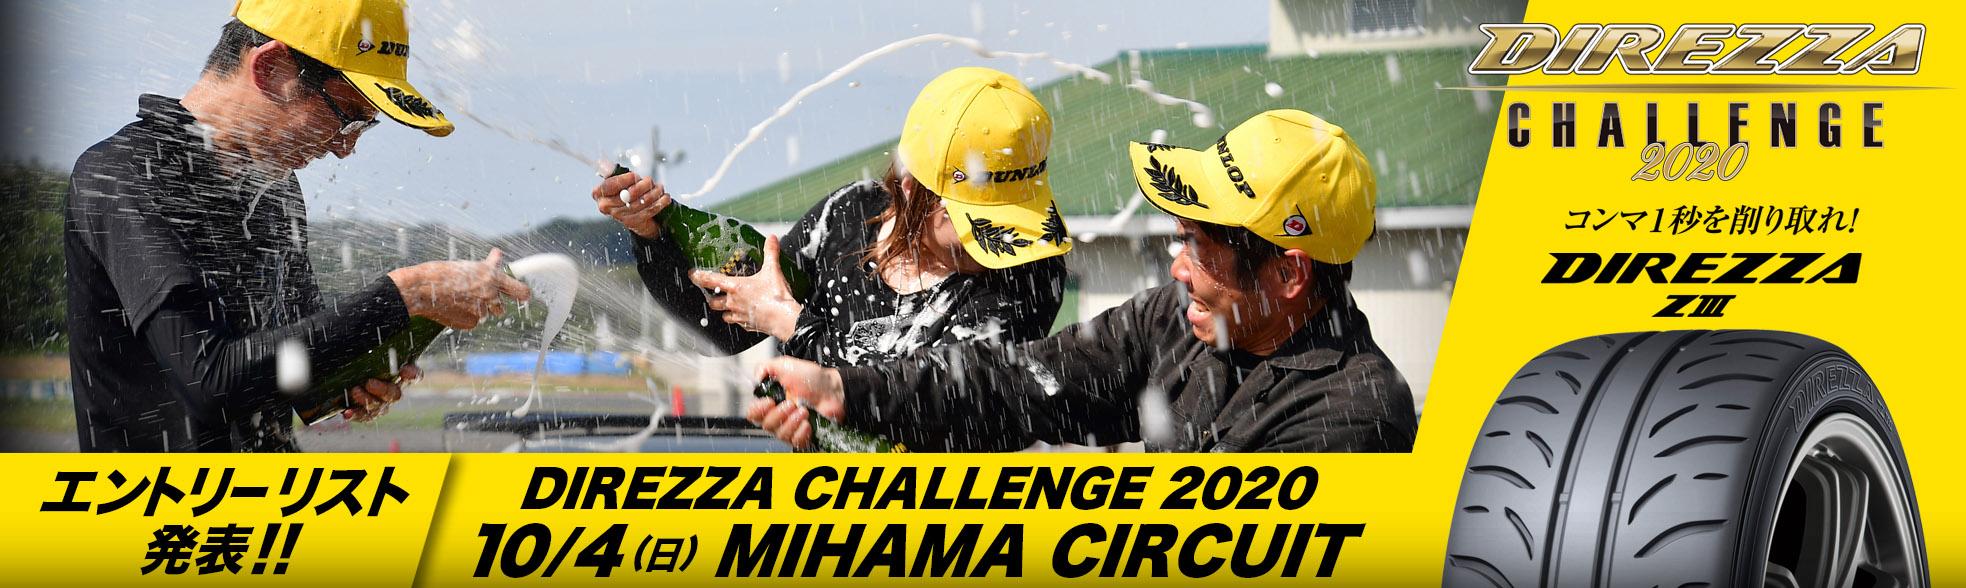 DIREZZA CHALLENGE 2020 開催概要